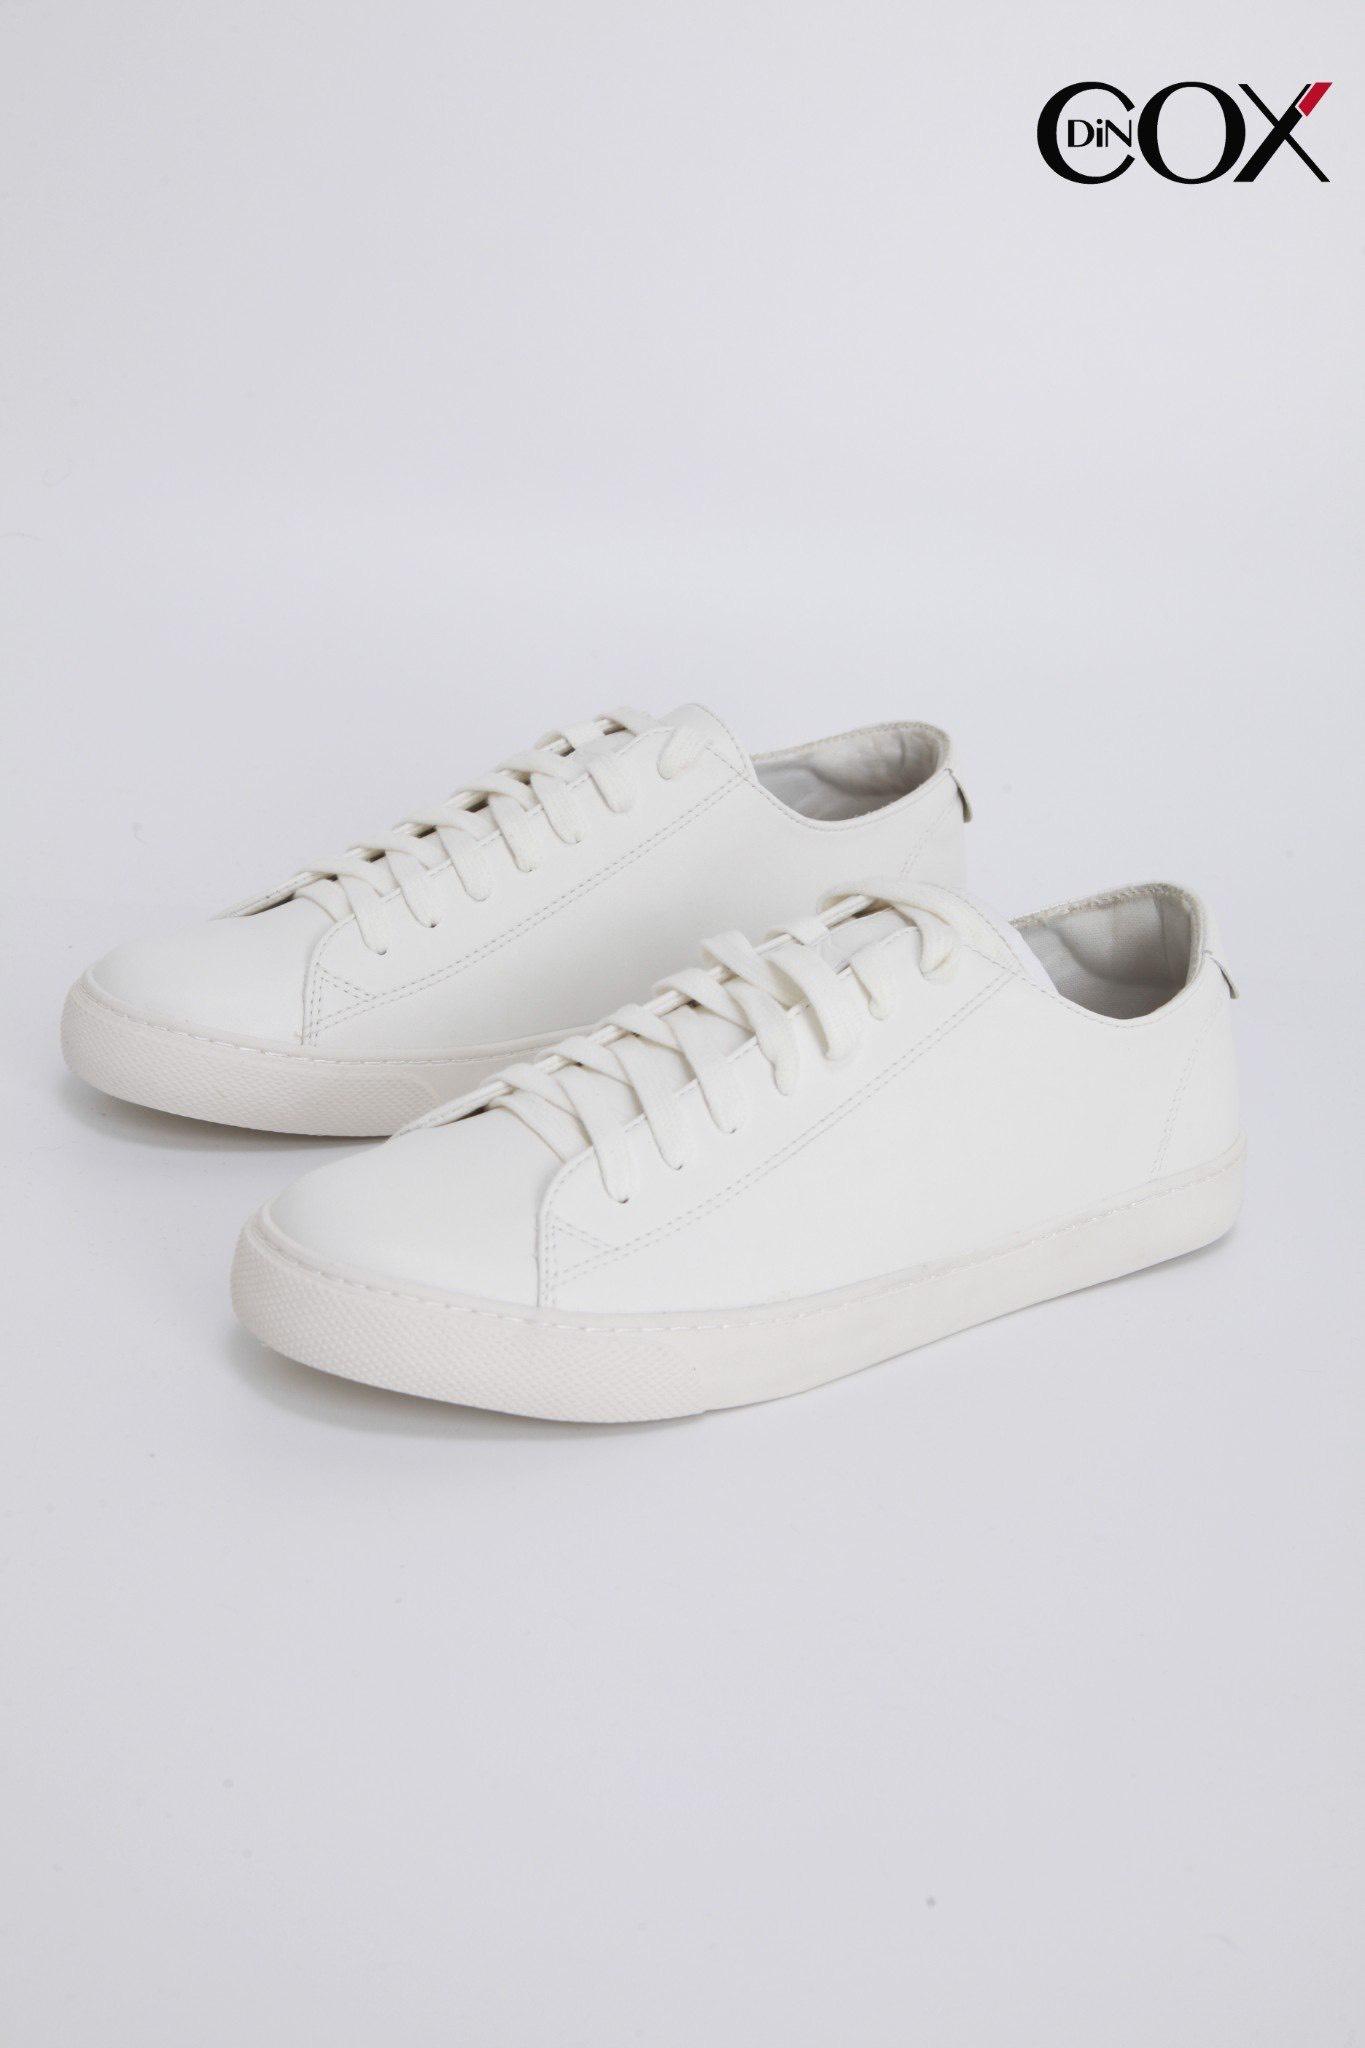 dincox2234-white